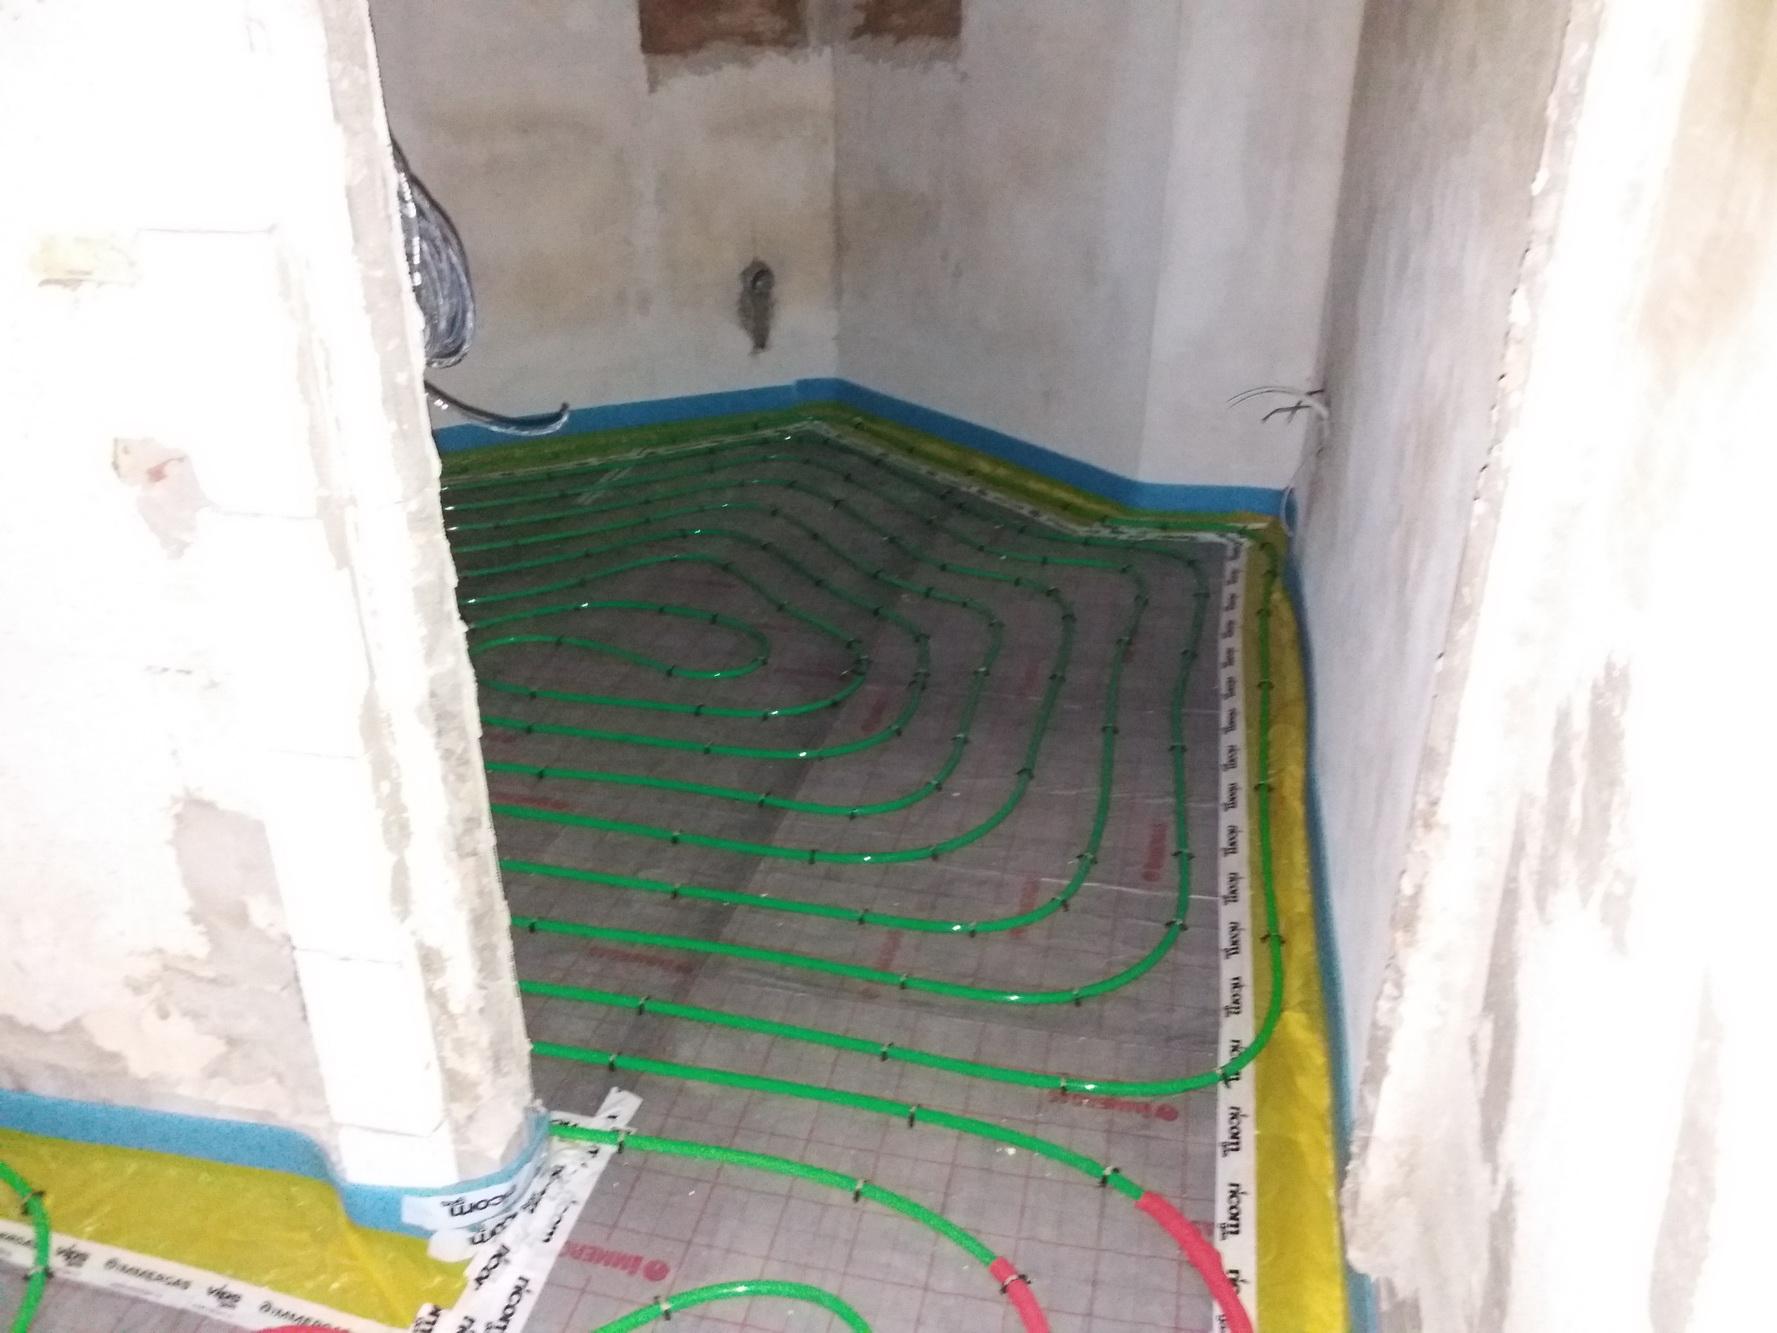 003 Podlahove vytapeni